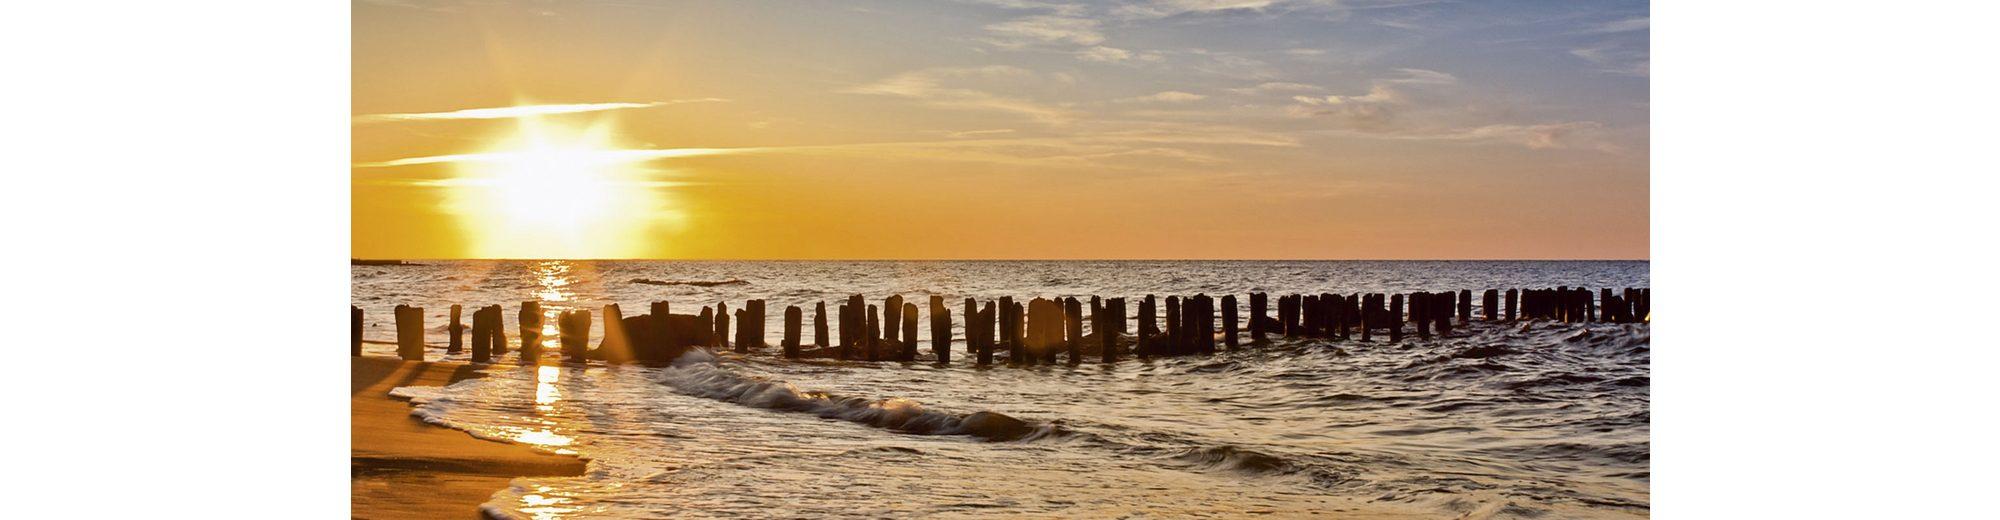 Glasbild, Home affaire, »S. Decoret: Schöner Sonnenuntergang am Strand«, 125/50 cm